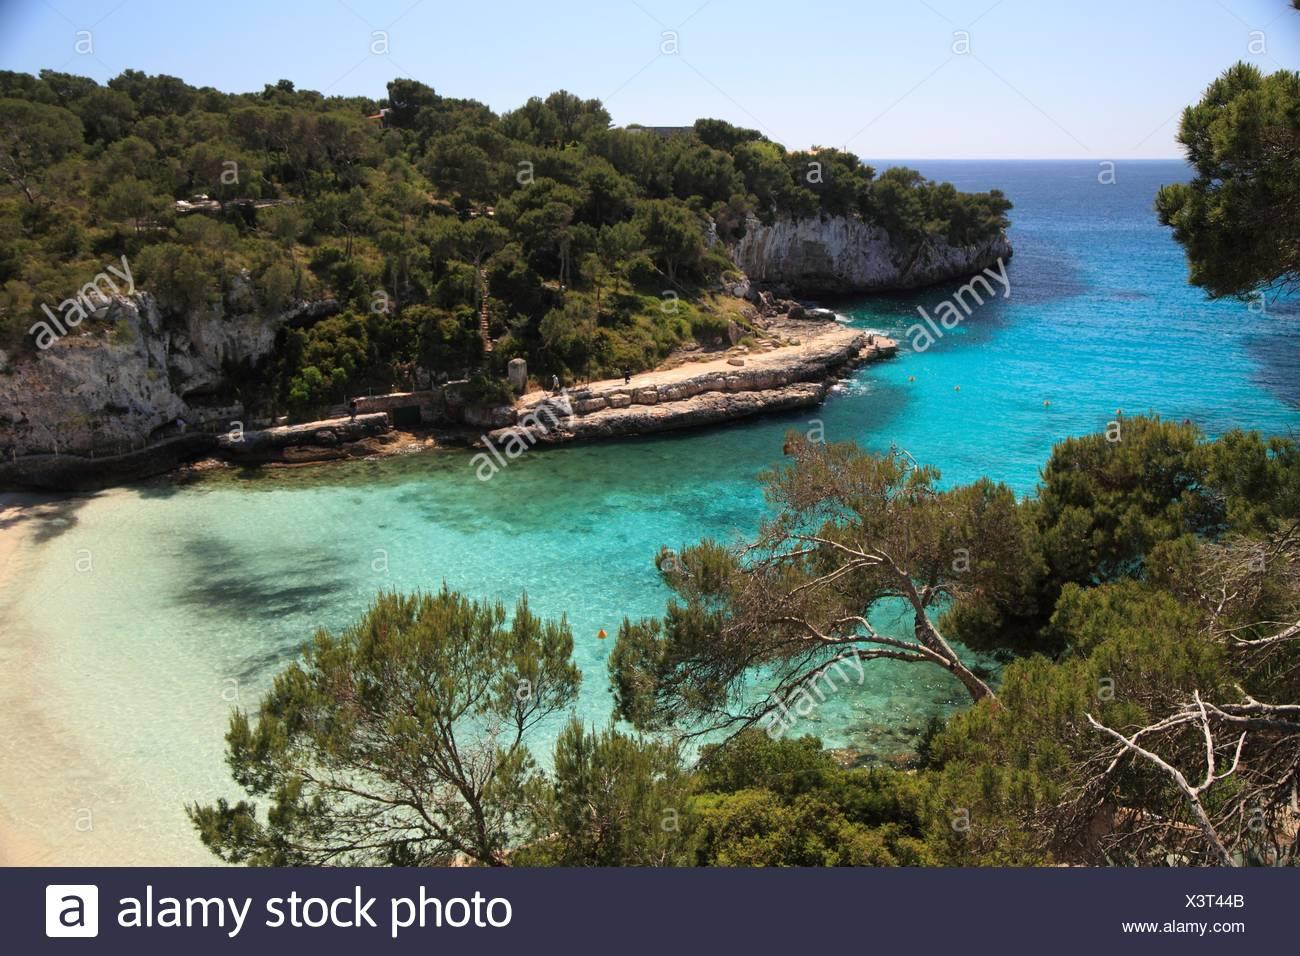 Calla Lombards Mallorca Spain. - Stock Image